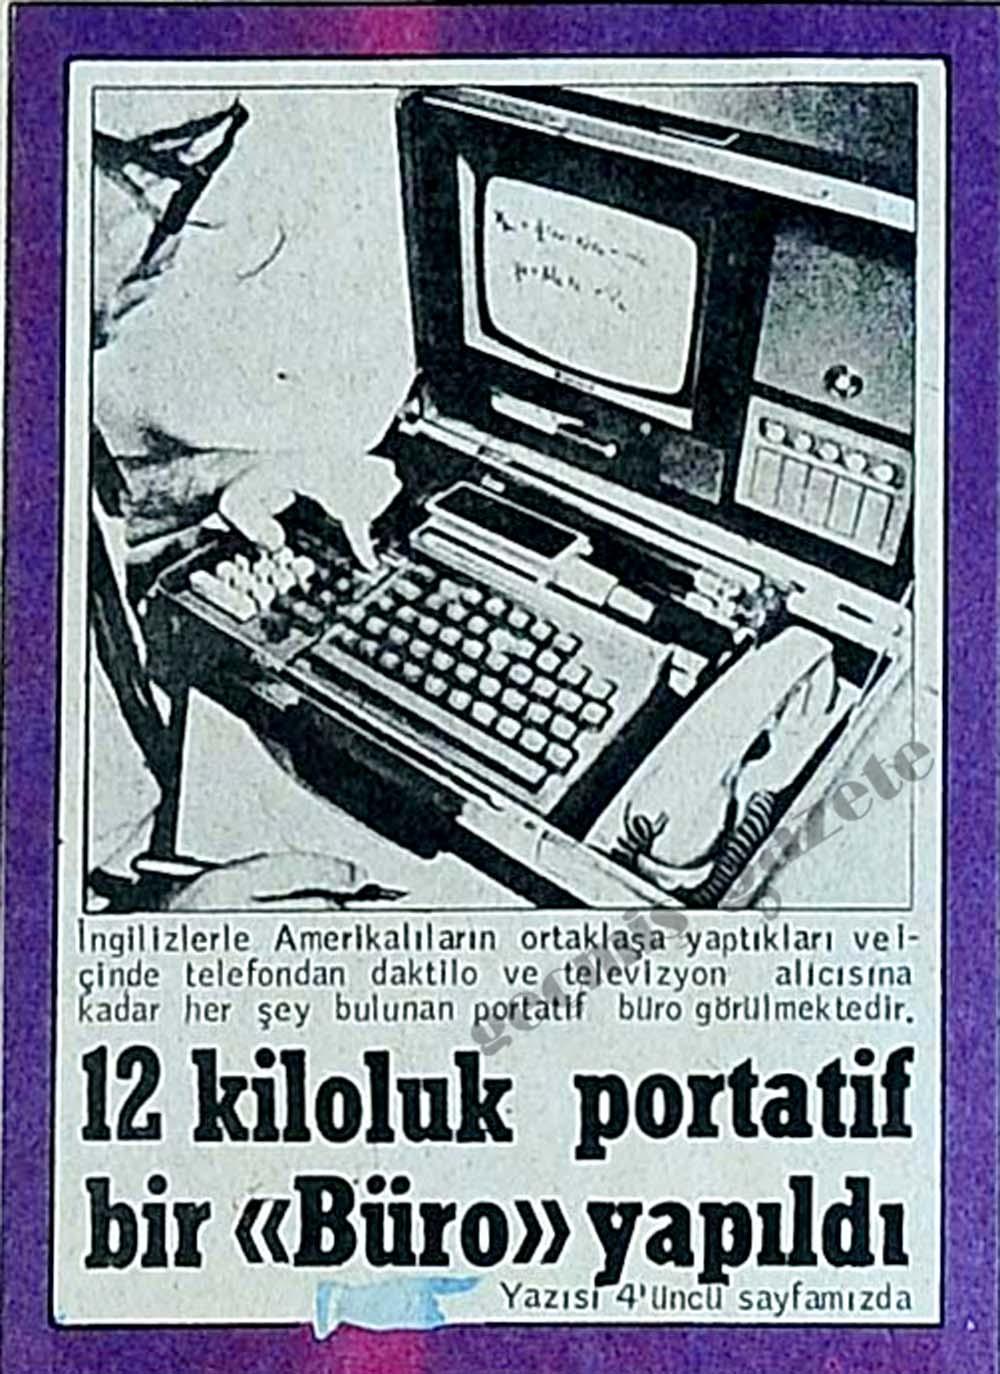 """12 kiloluk portatif bir """"Büro"""" yapıldı"""